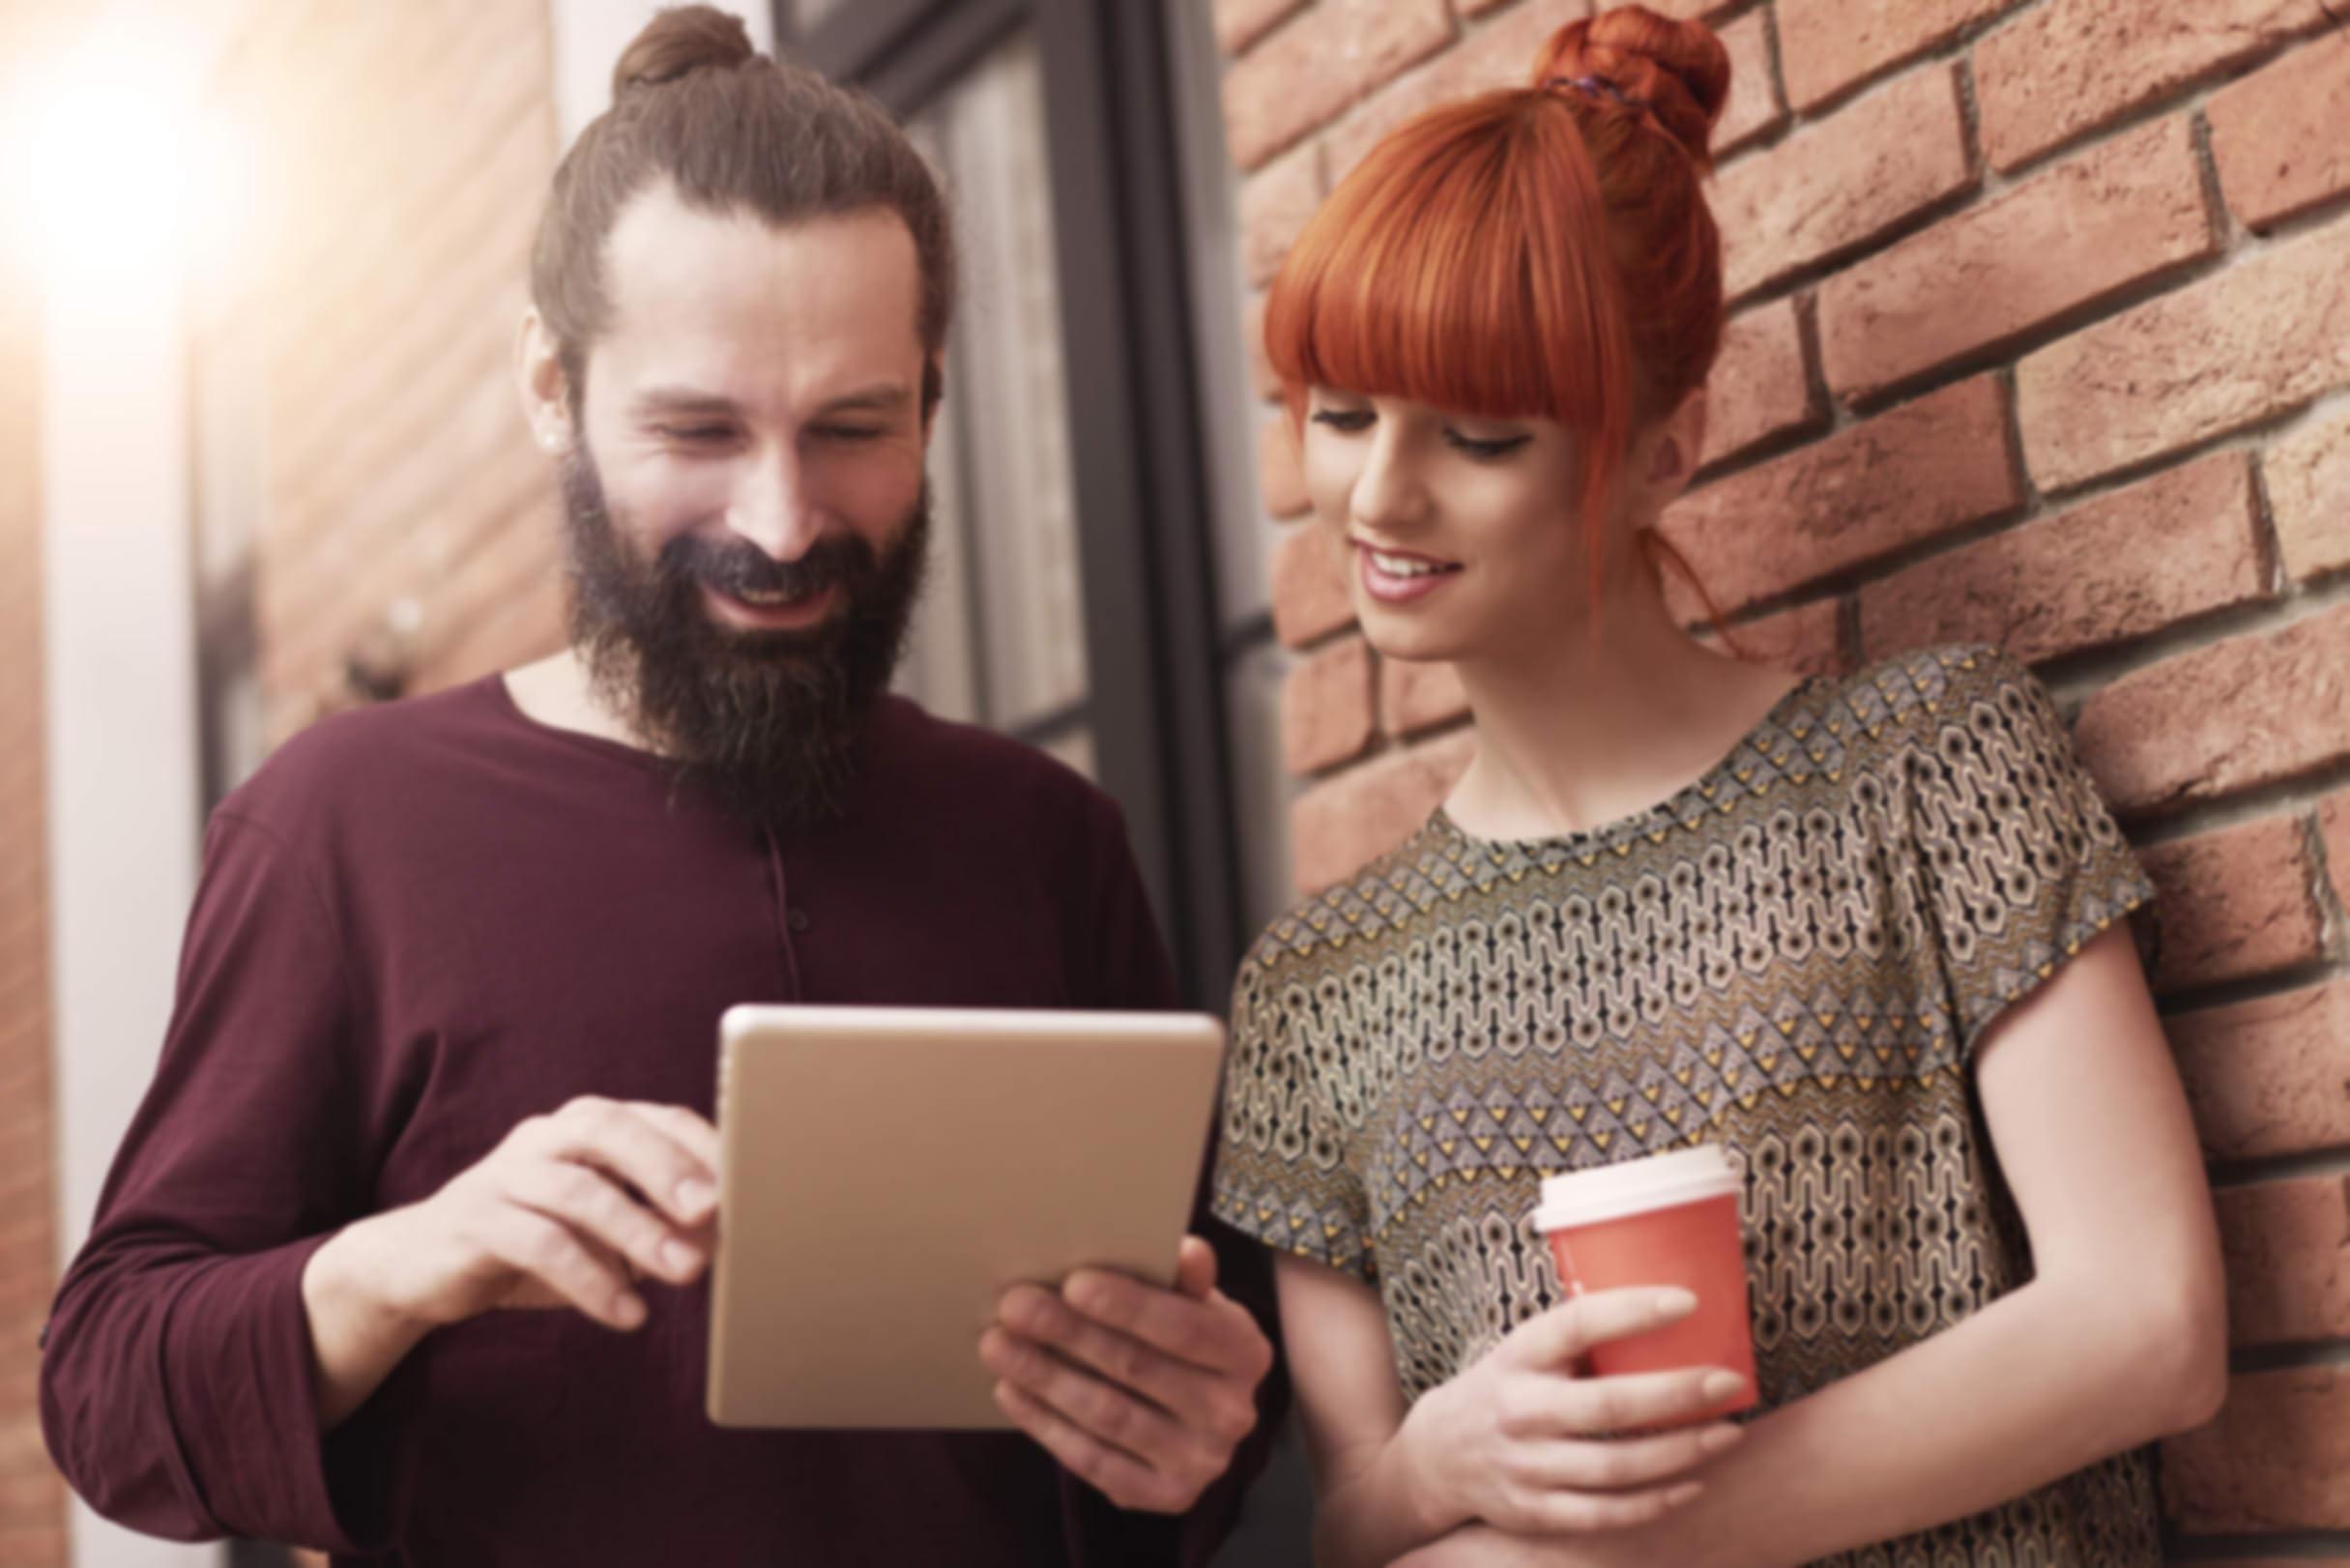 Un uomo e una donna che guardano lo schermo di un tablet.